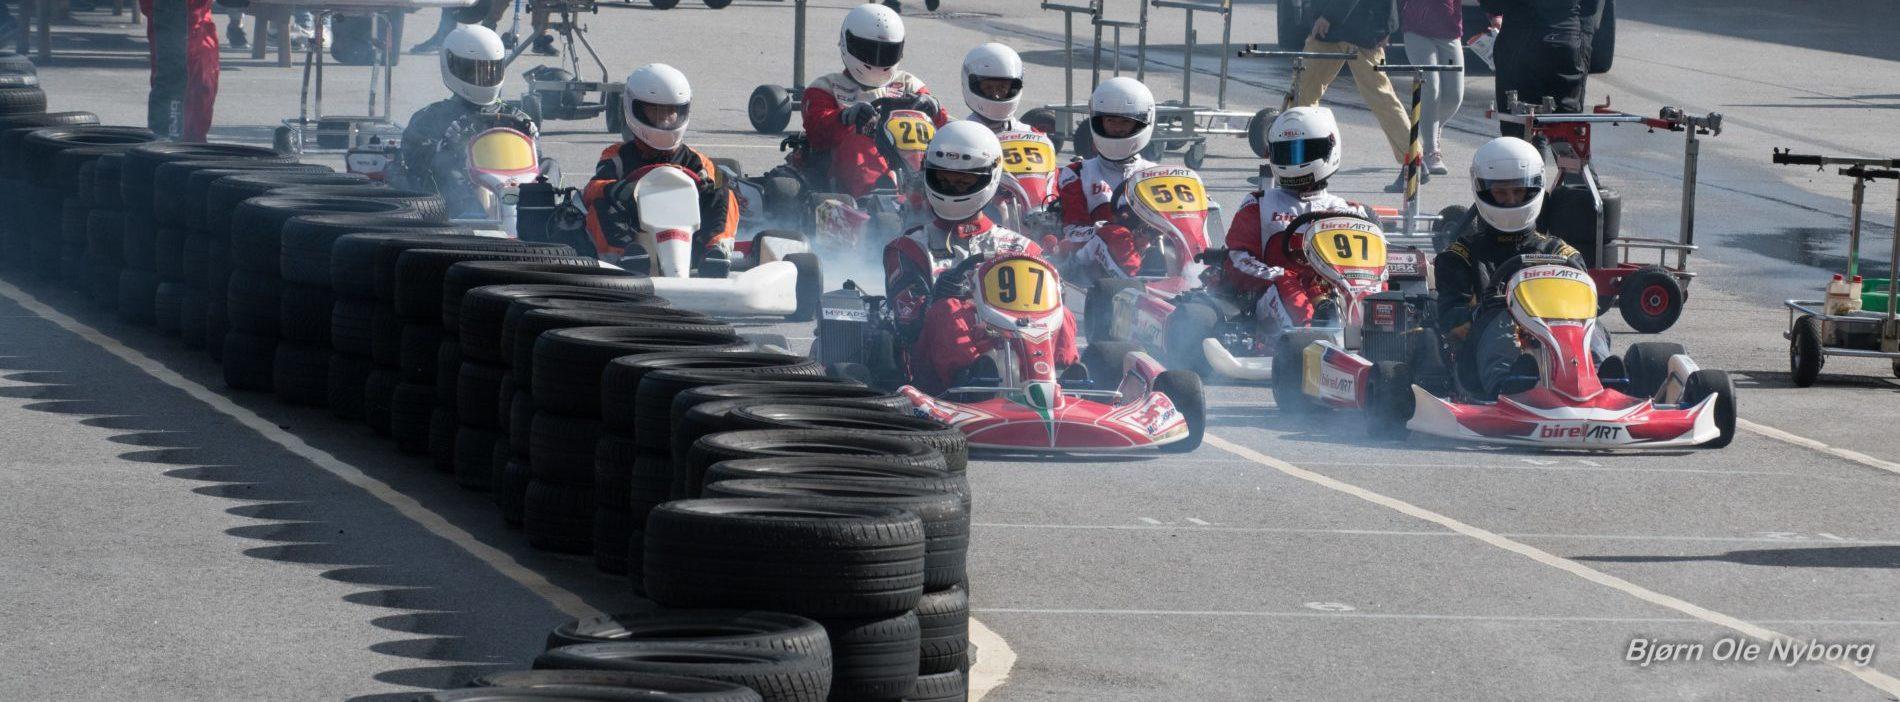 Om Agder Motorsport